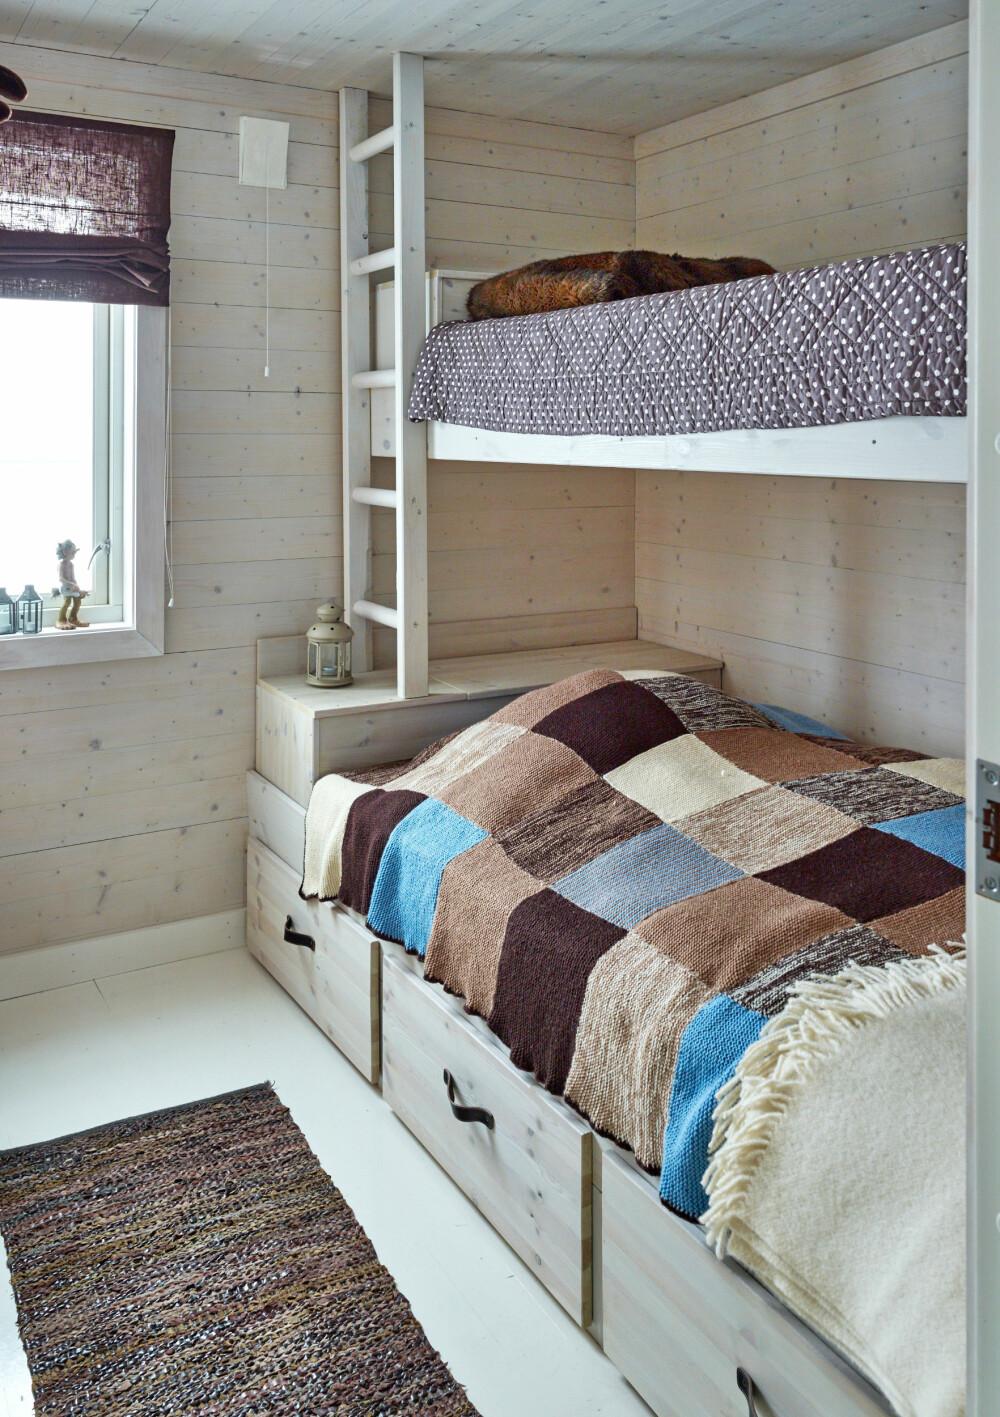 BARNEROMMET: Her har de fått inn en spesiallaget seng med smart oppbevaringskapasitet både i front og i fotenden. Janne hadde funnet et bilde av en seng som hun likte i et boligblad, og fikk en tømrervenn til å bygge en tilsvarende.